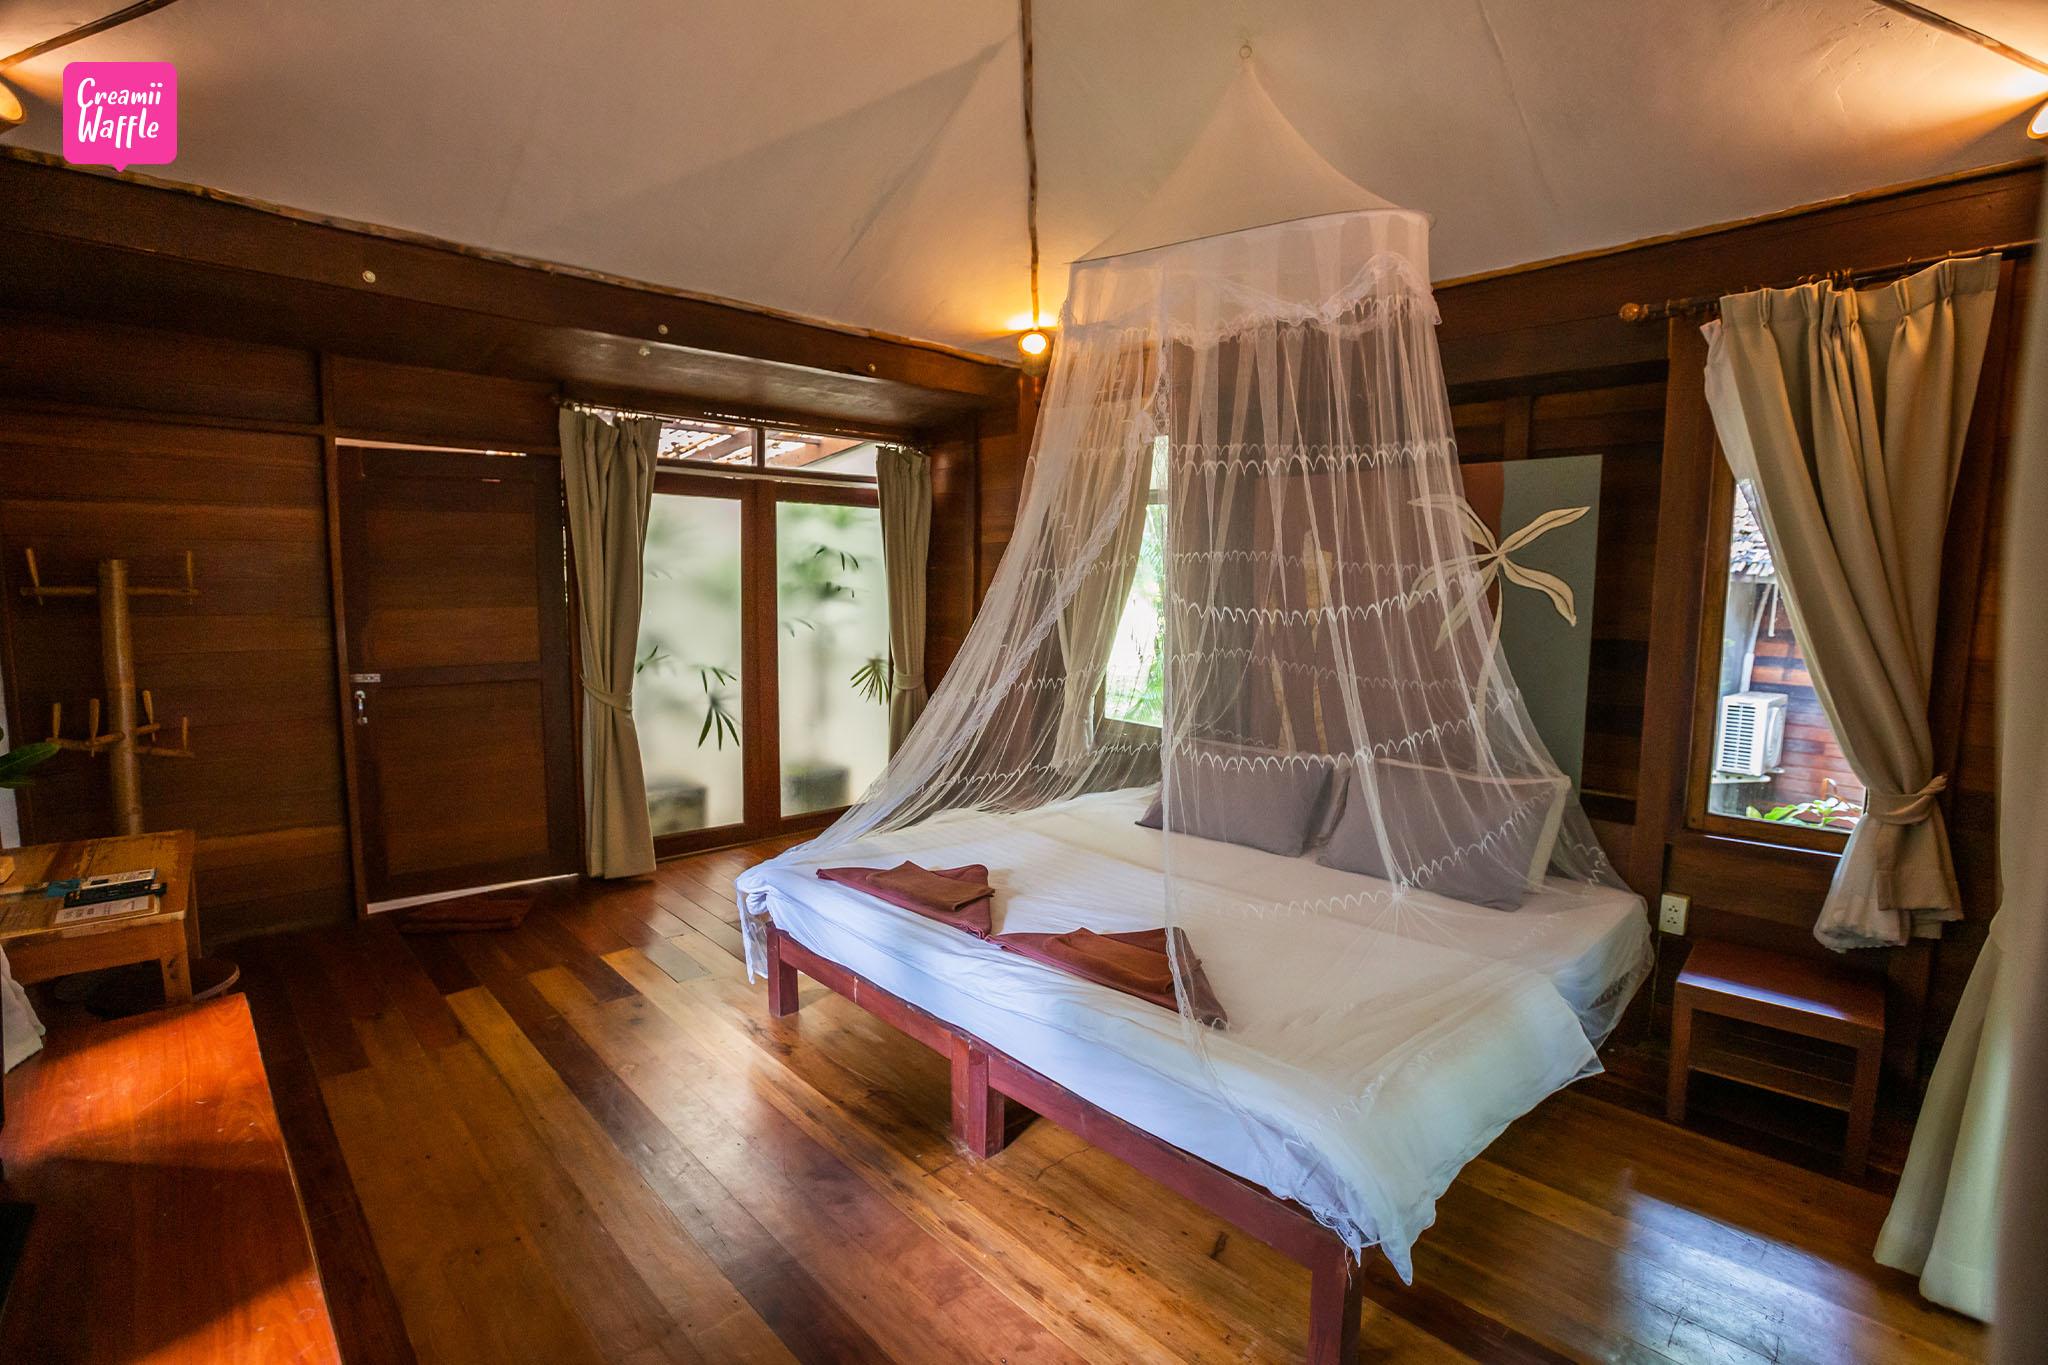 ห้องพัก เกาะกูด รีสอร์ท koh kood resort